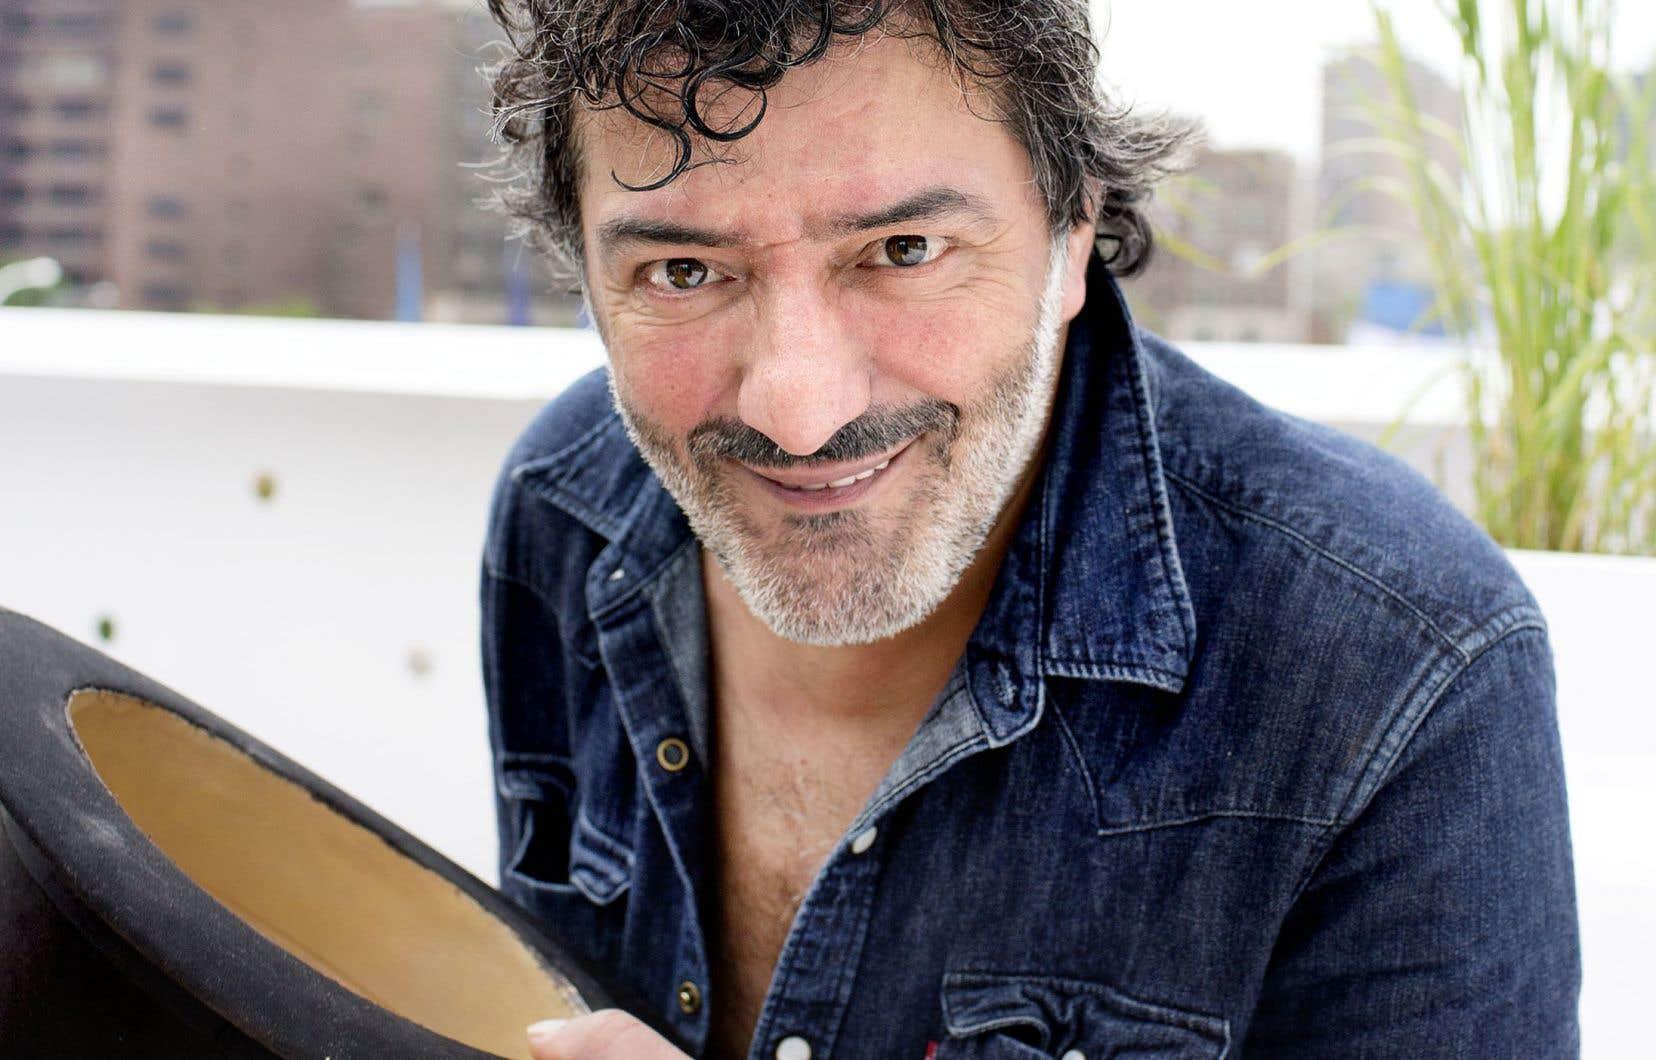 Le chanteur Rachid Taha, ici photographié dans le cadre des FrancoFolies de Montréal en 2014, était un habitué des scènes québécoises.